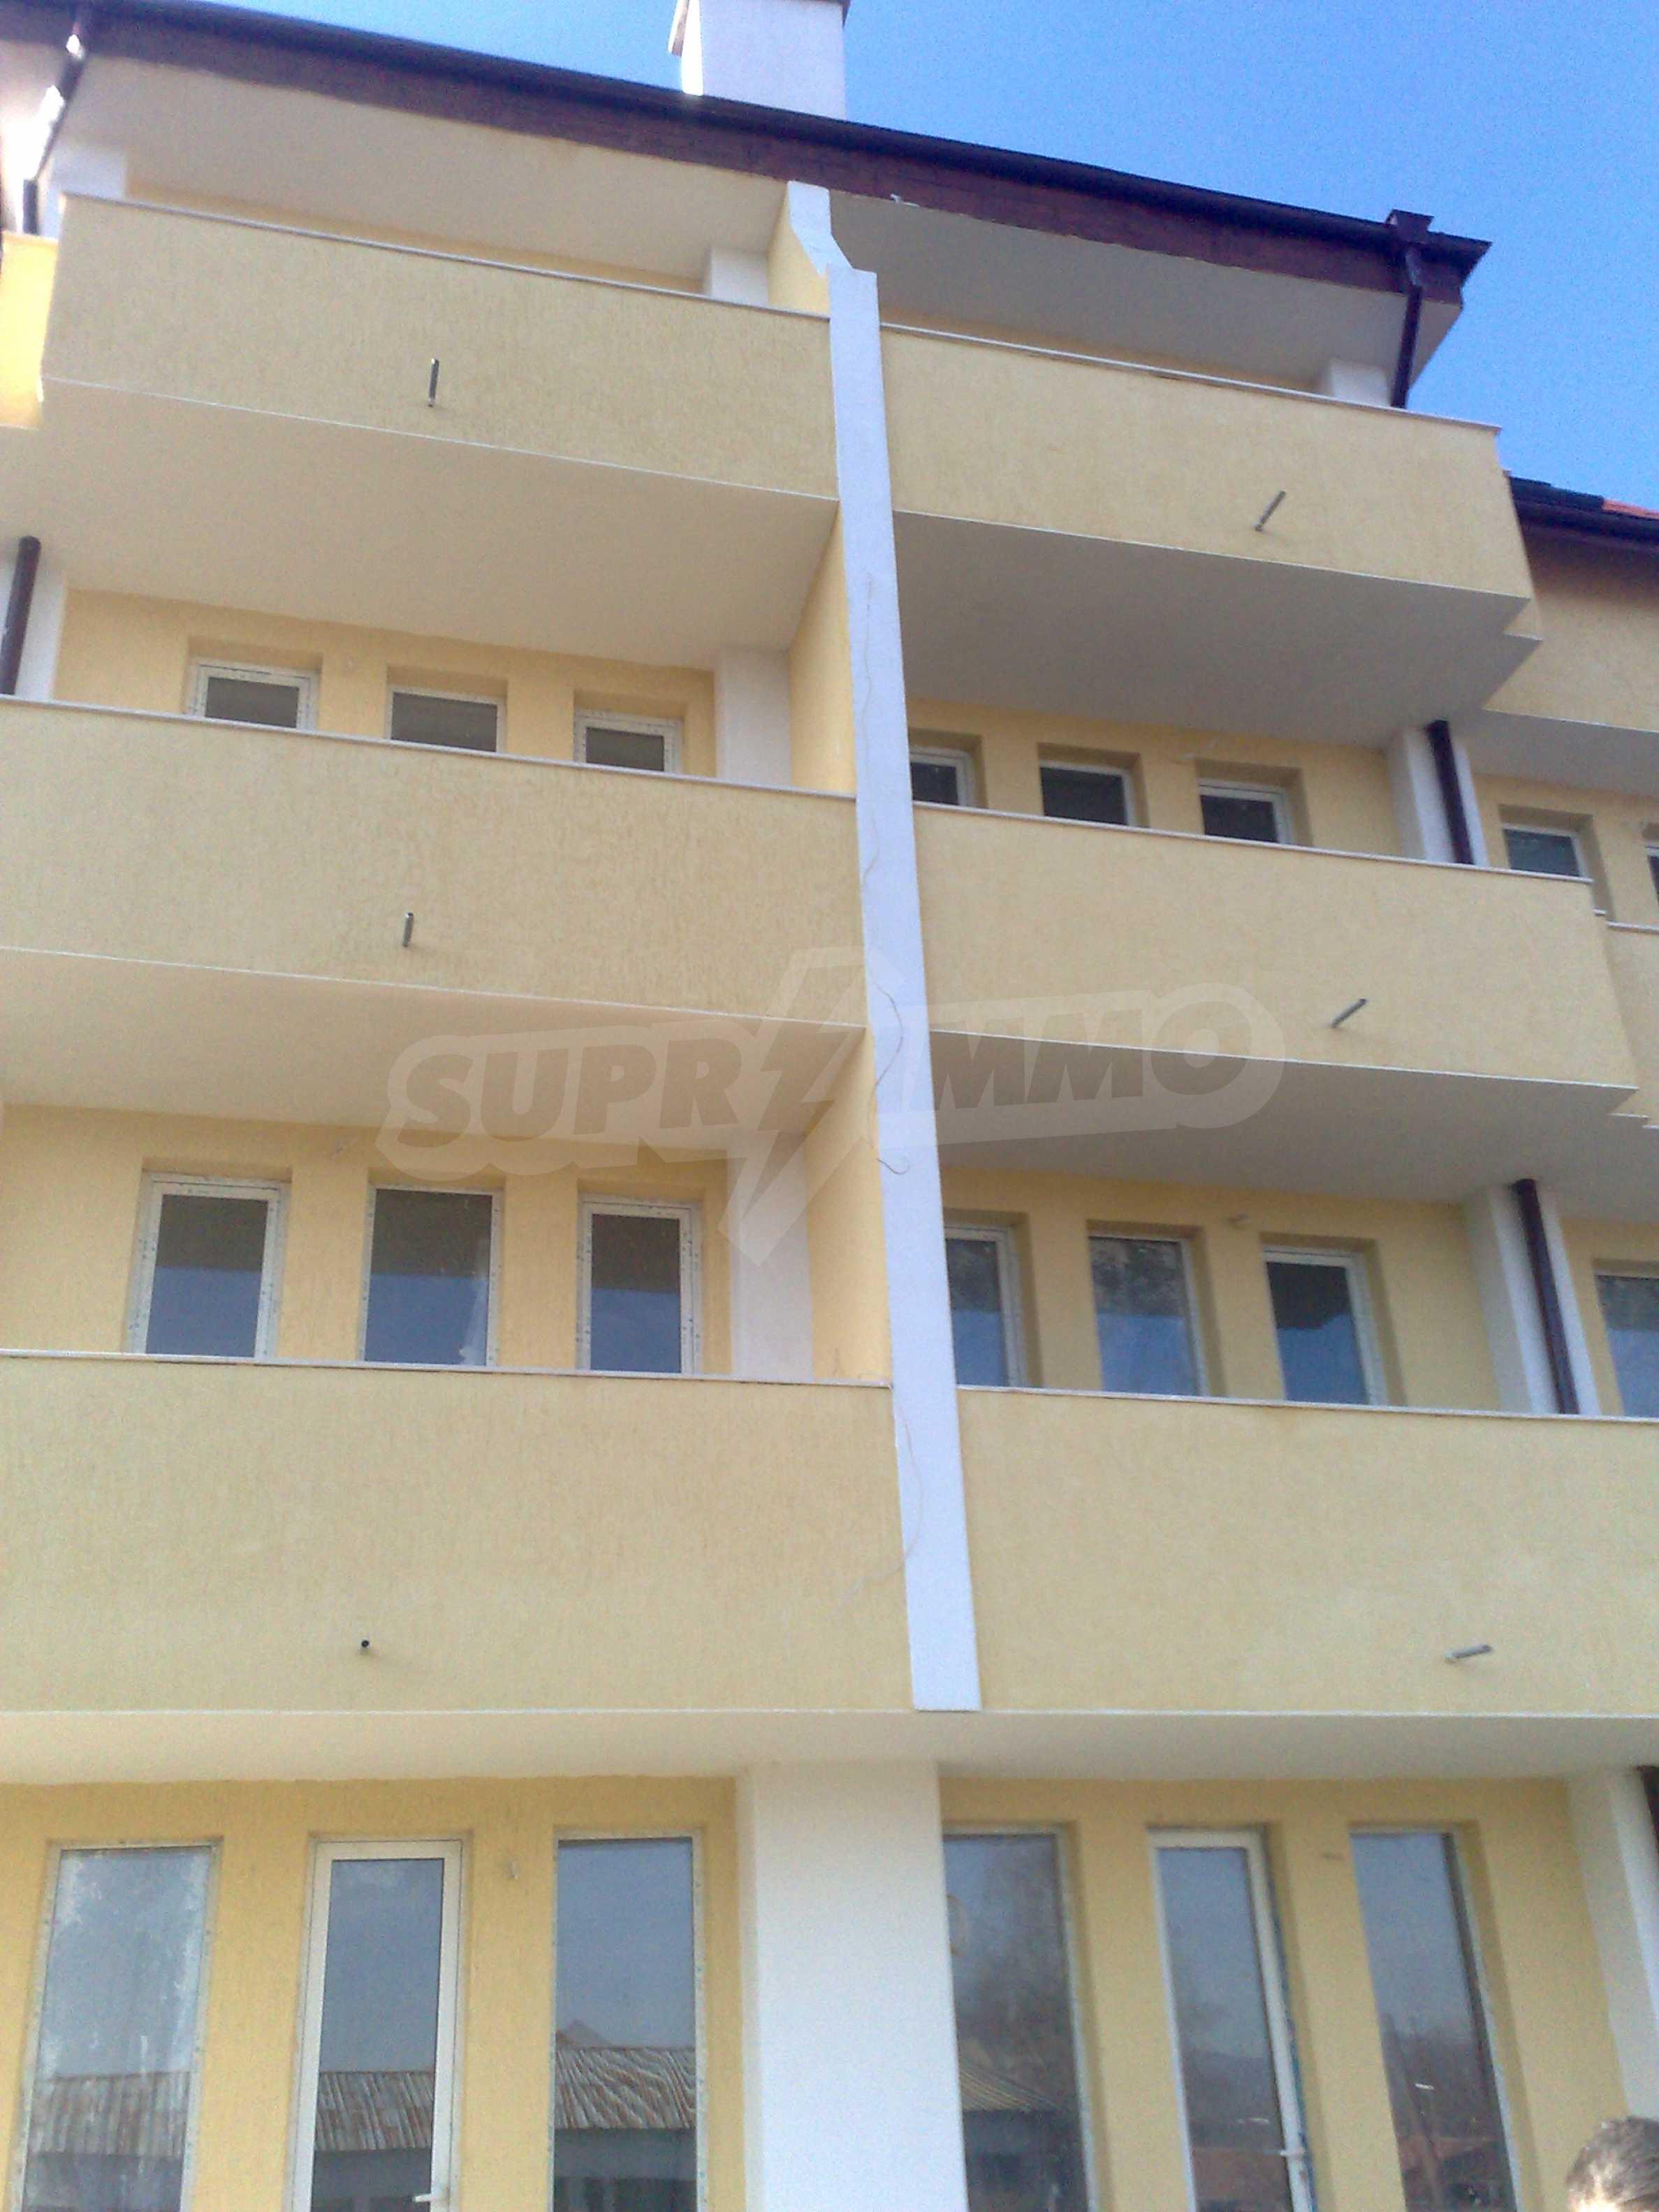 Двустаен апартамент с тераси в нова сграда до парка в центъра на Банско 6